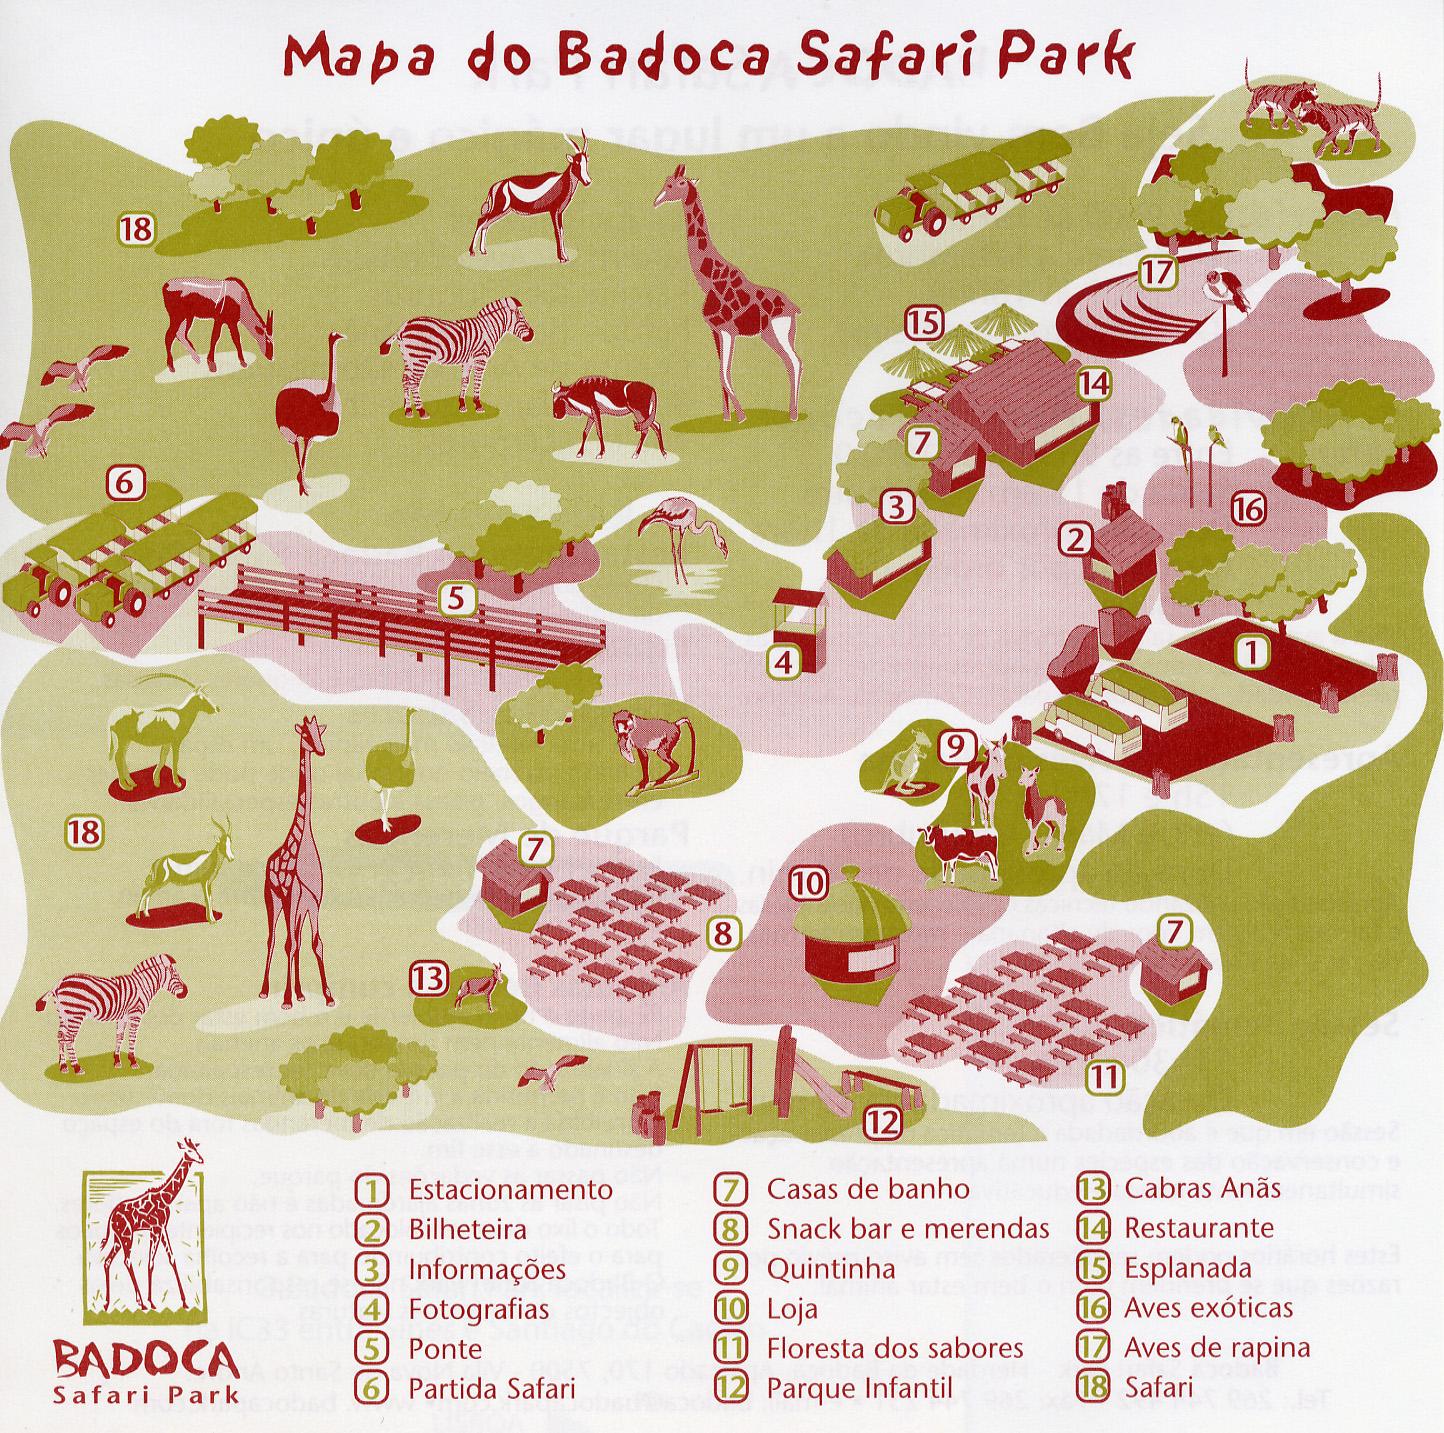 badoca safari park mapa Les Zoos dans le Monde   Badoca Safari Park badoca safari park mapa